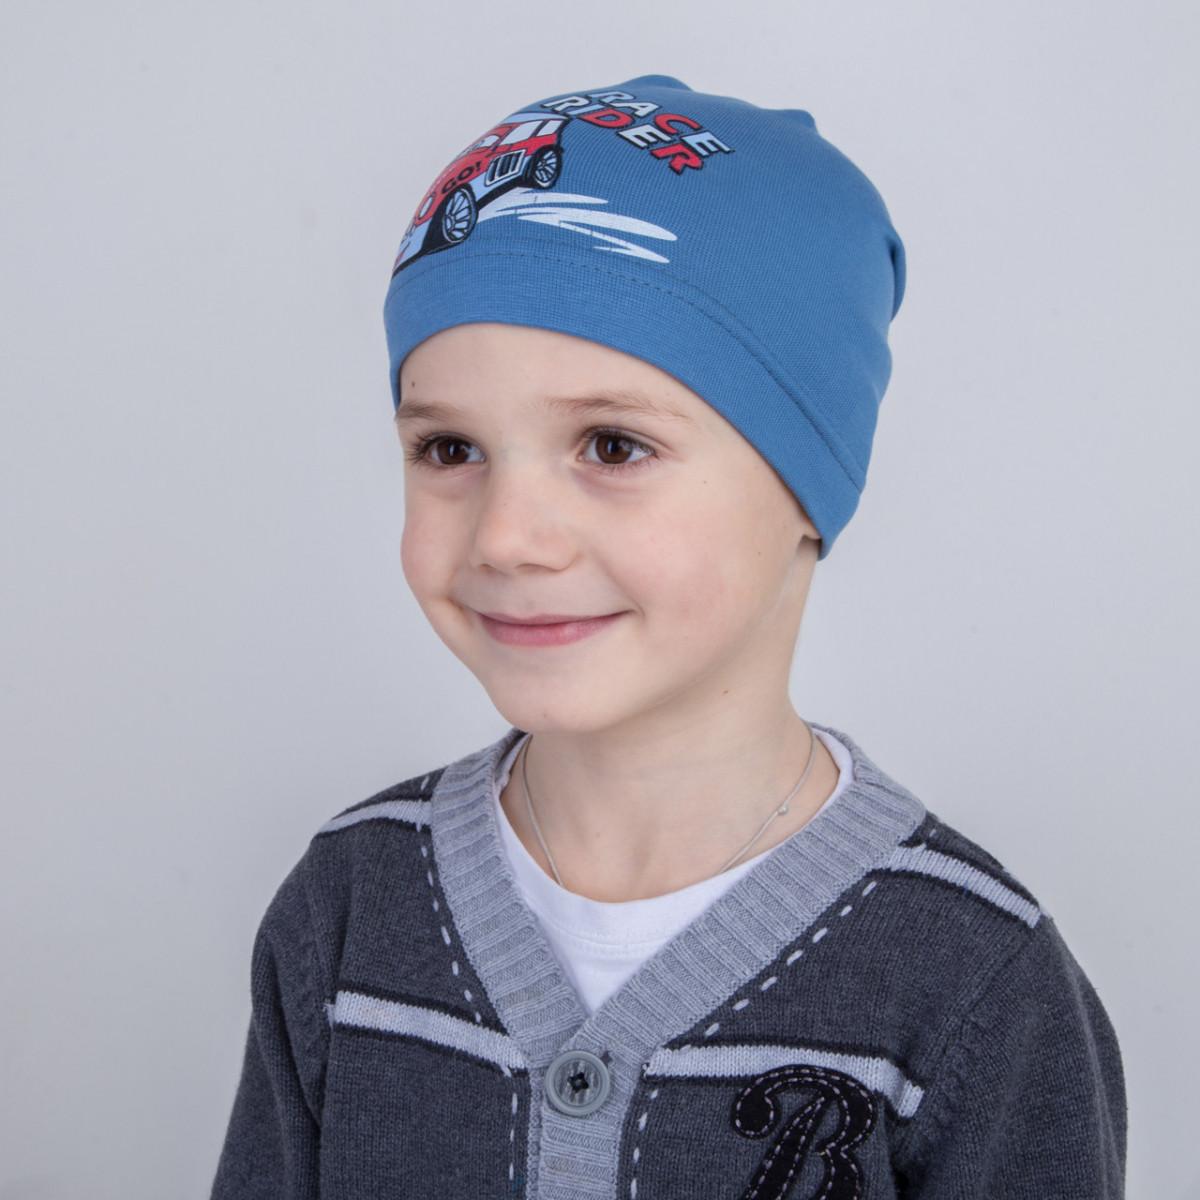 Спортивная шапка для мальчика на весну 2018 оптом - Артикул 2228